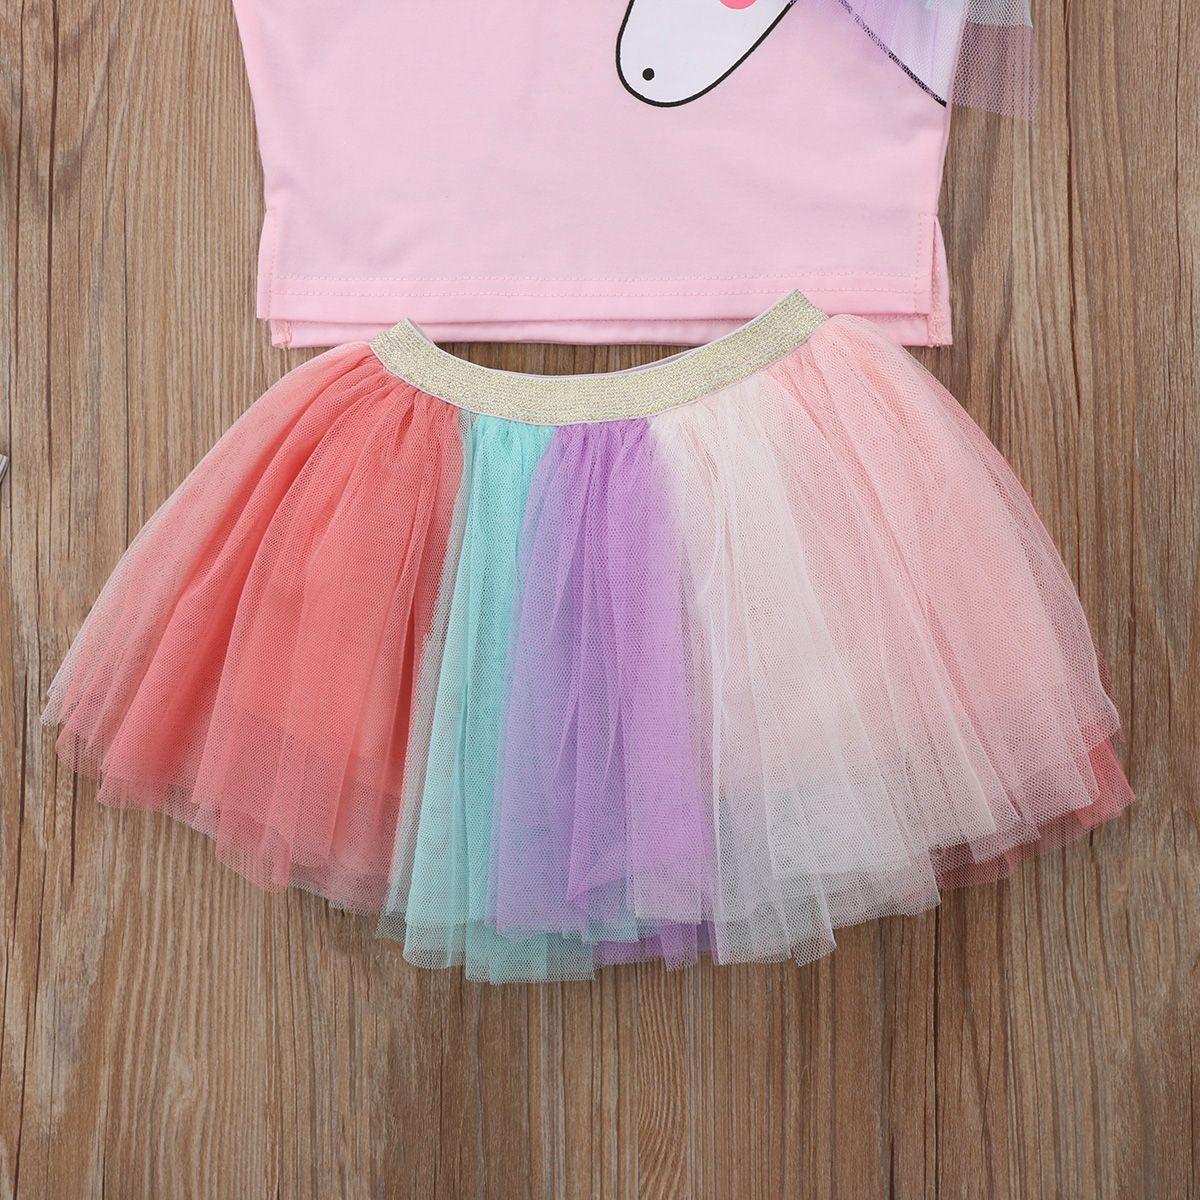 Moda Roupas Infantis Crianças Baby Girl Roupas Unicórnio Top T-shirt de Renda Tutu Saia Outfits Set Verão